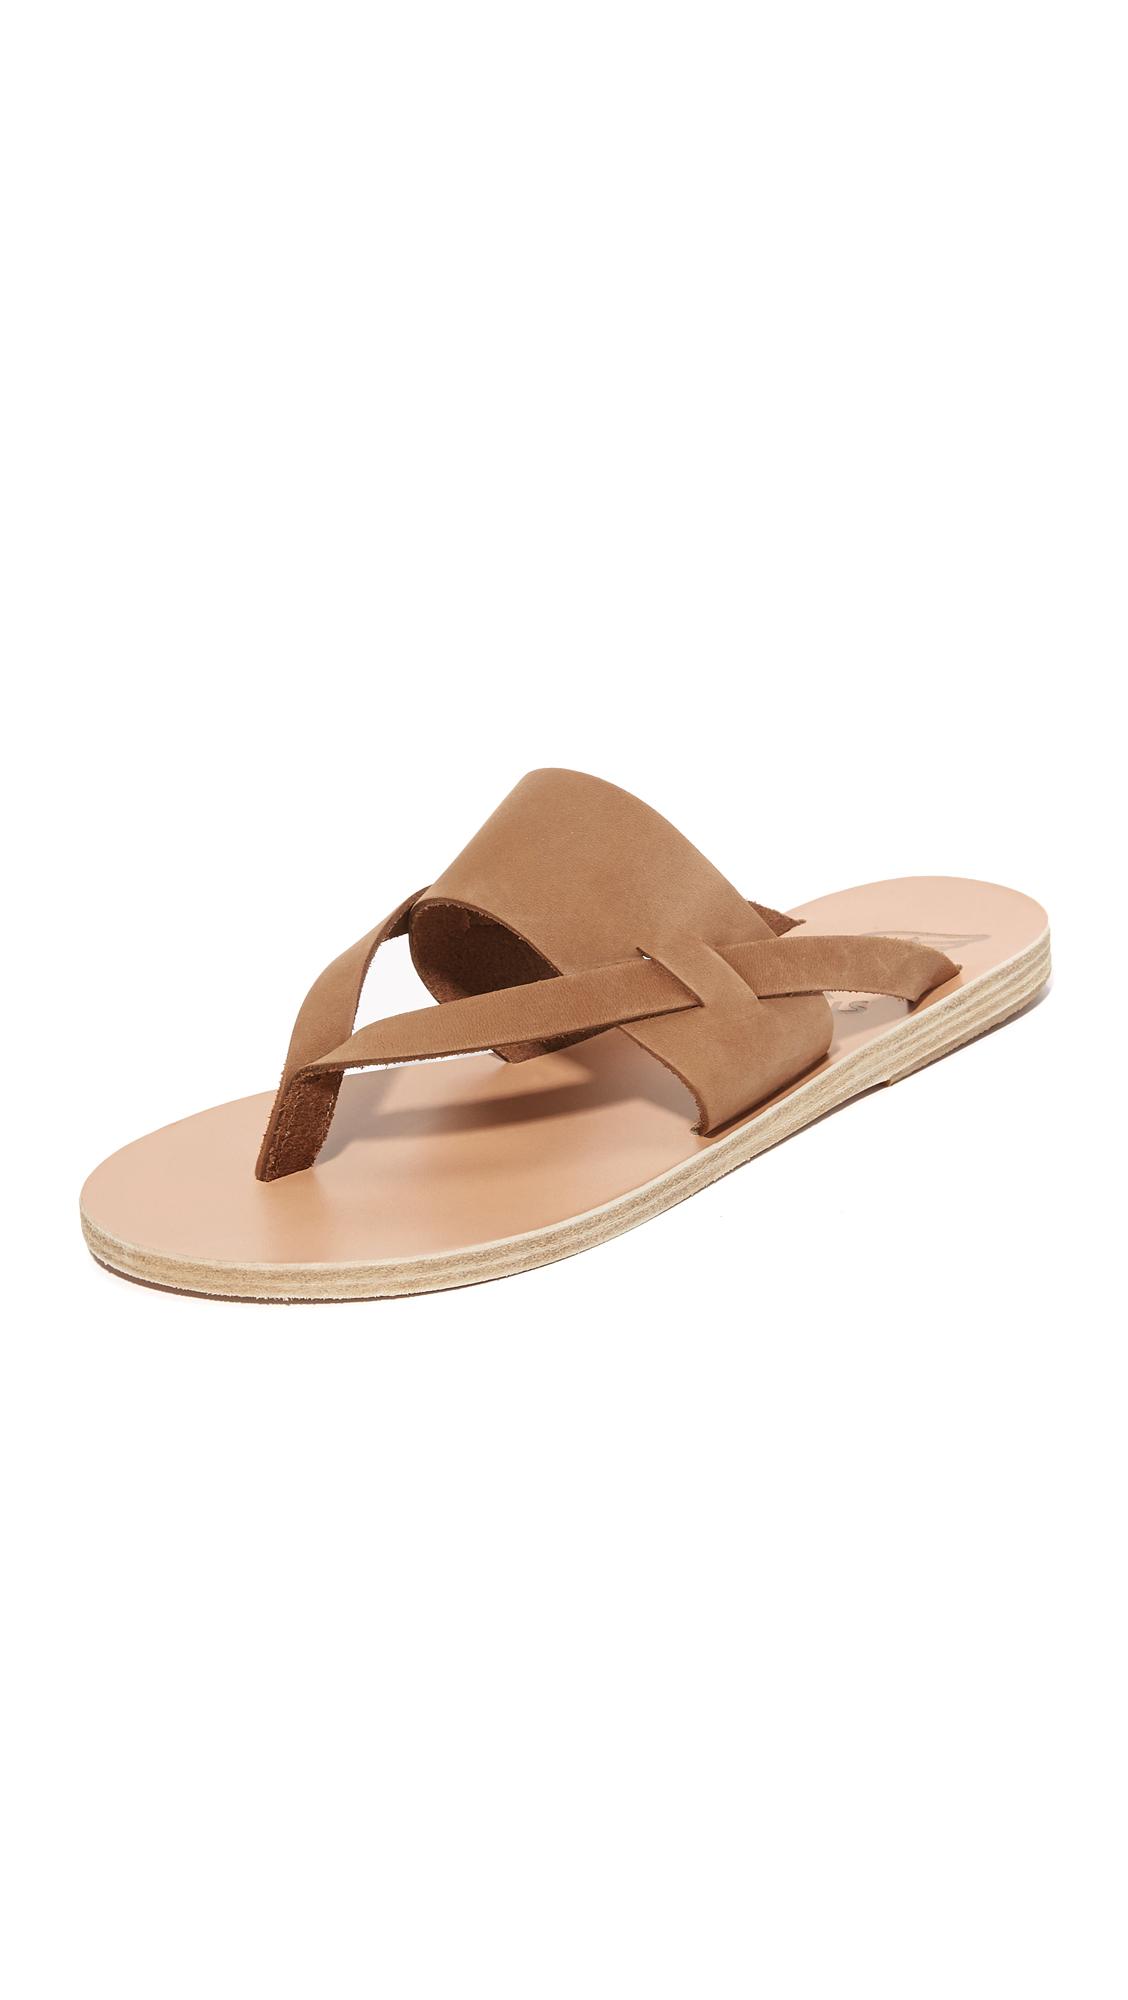 Ancient Greek Sandals Zenobia Thong Sandals - Cappuccino at Shopbop